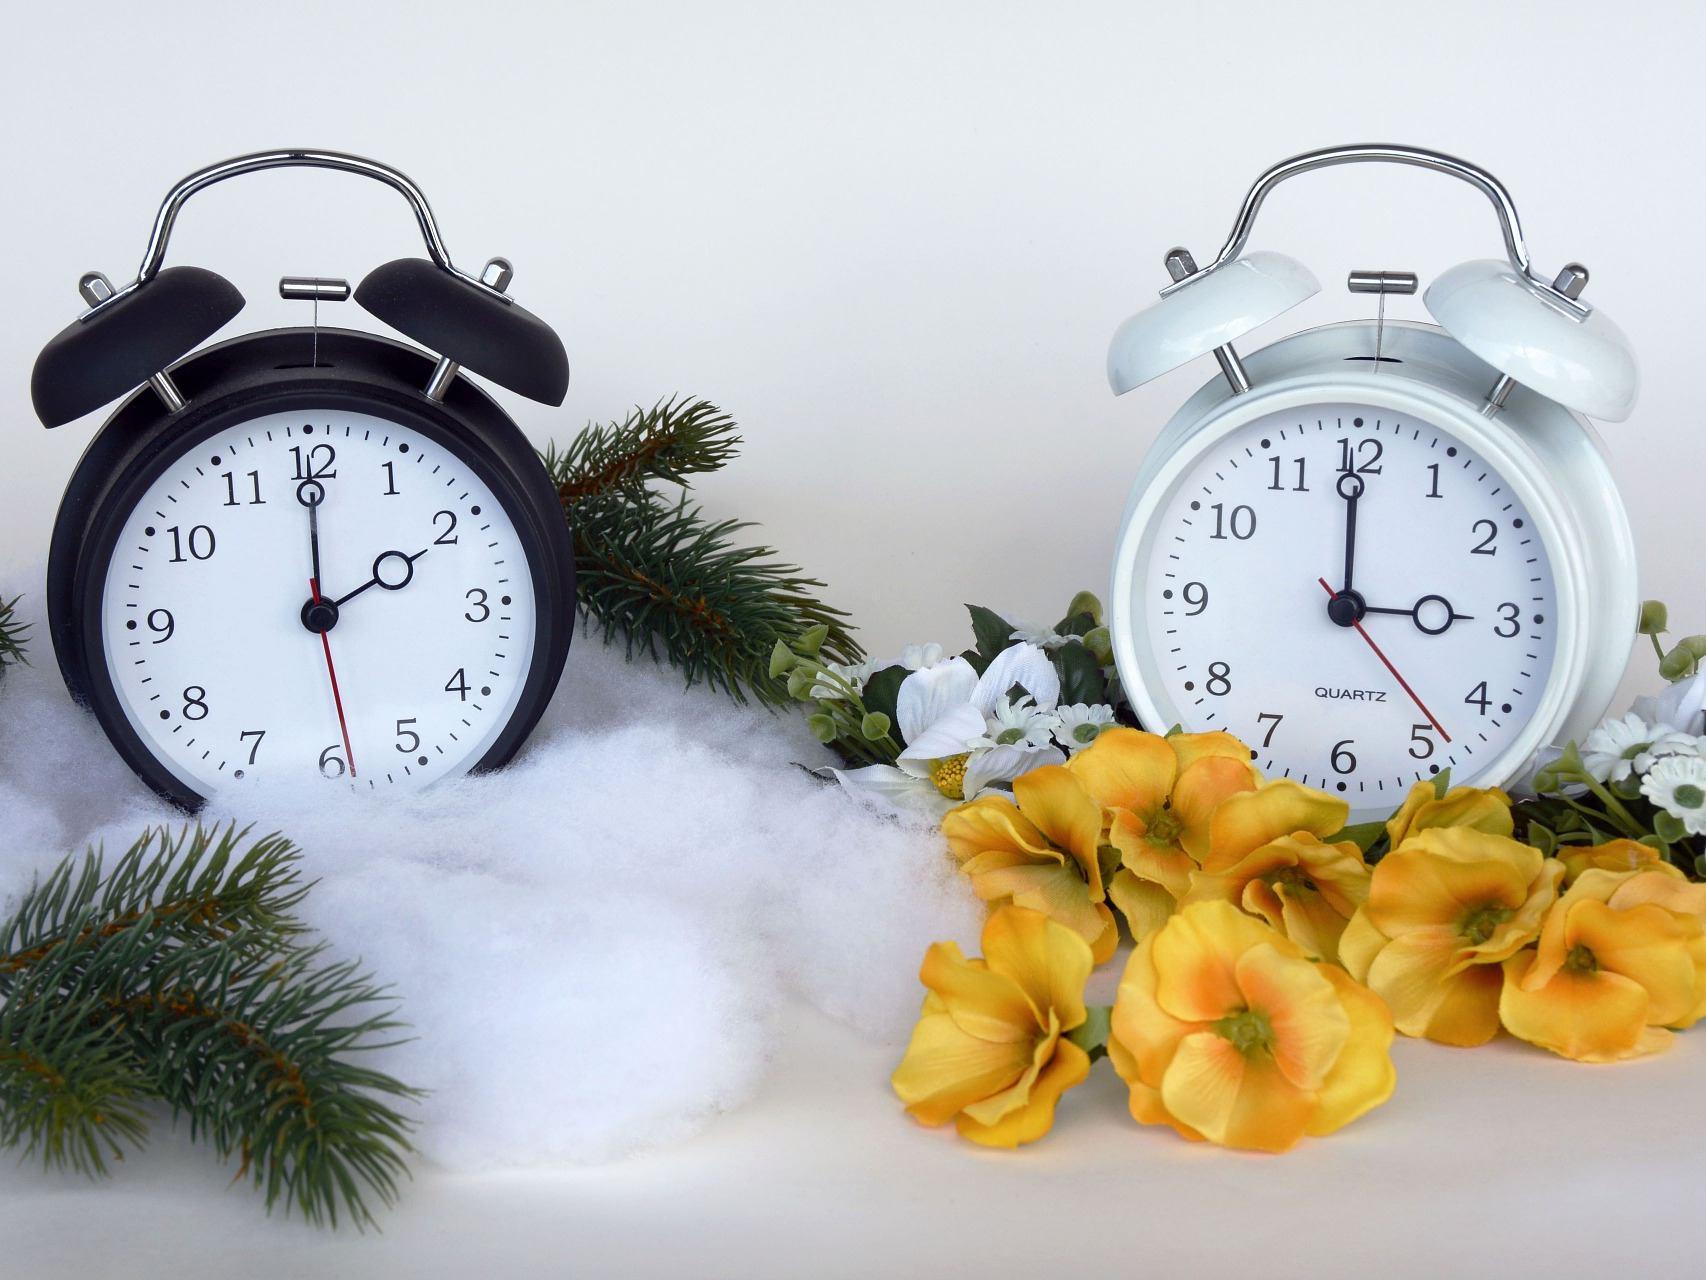 Zwei Wecker zeigen die Zeit 2 bzw. 3 Uhr an, davor liegt Herbst- und Frühjahrsdeko